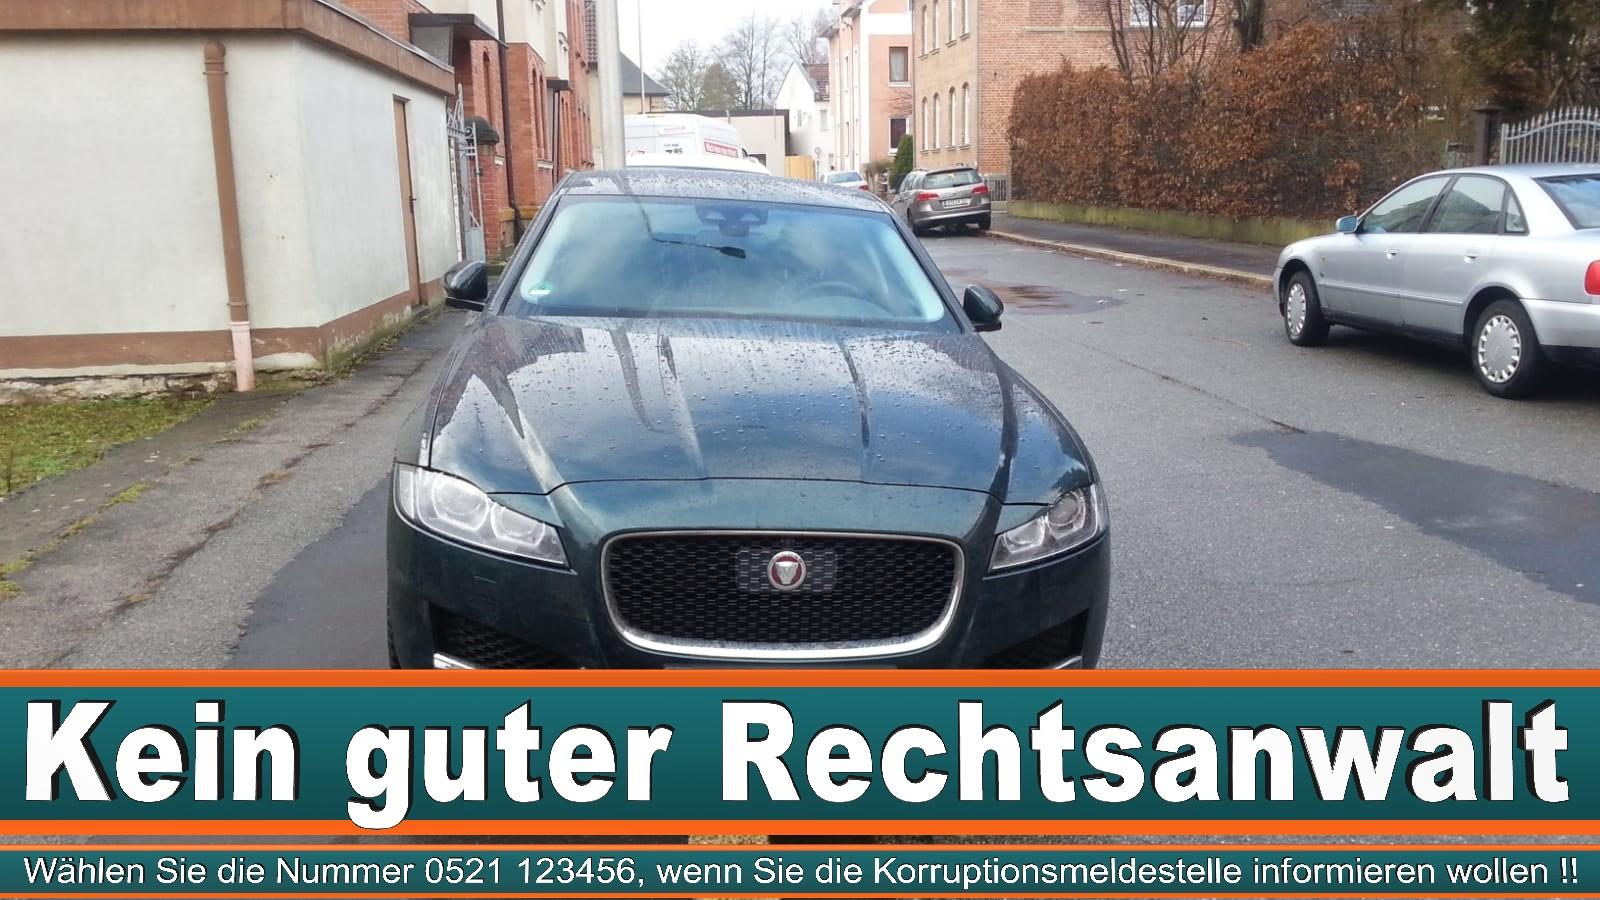 Rechtsanwaltskanzlei Stephan Claus Marienstrasse 2 Neustadt Rechtsanwalt Stephan Claus 5